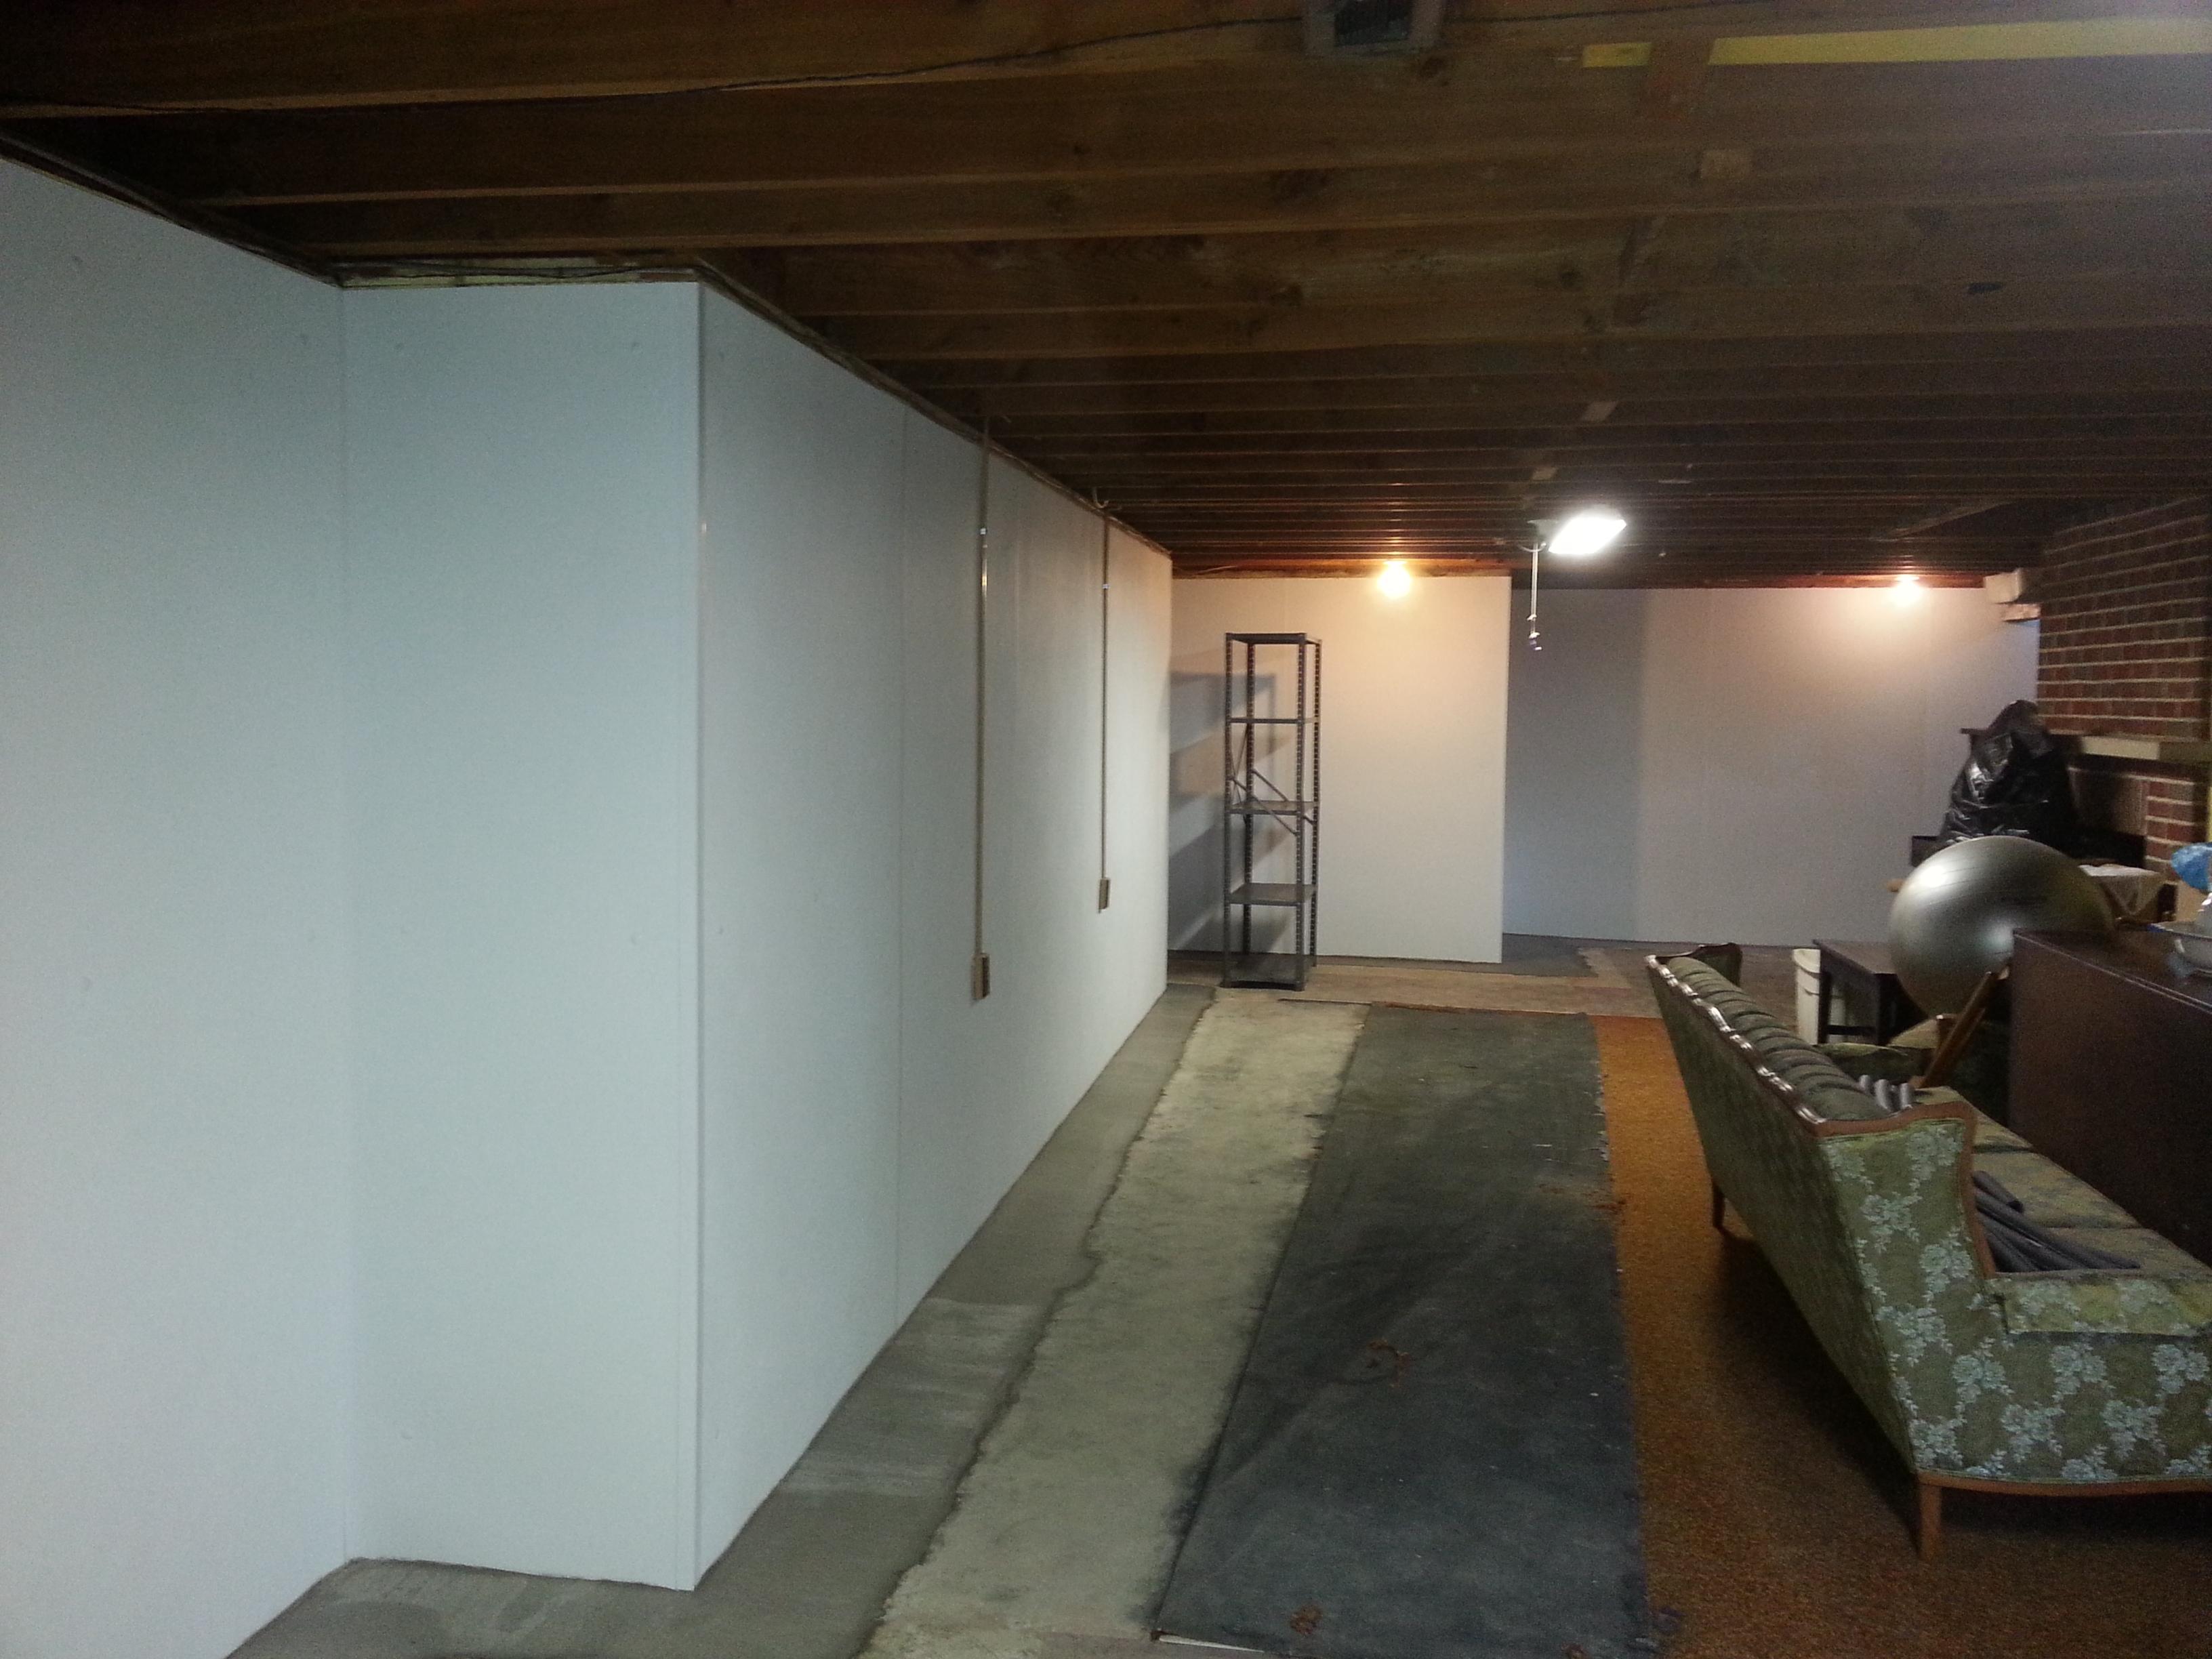 Basement Waterproofing Inside Or Outside